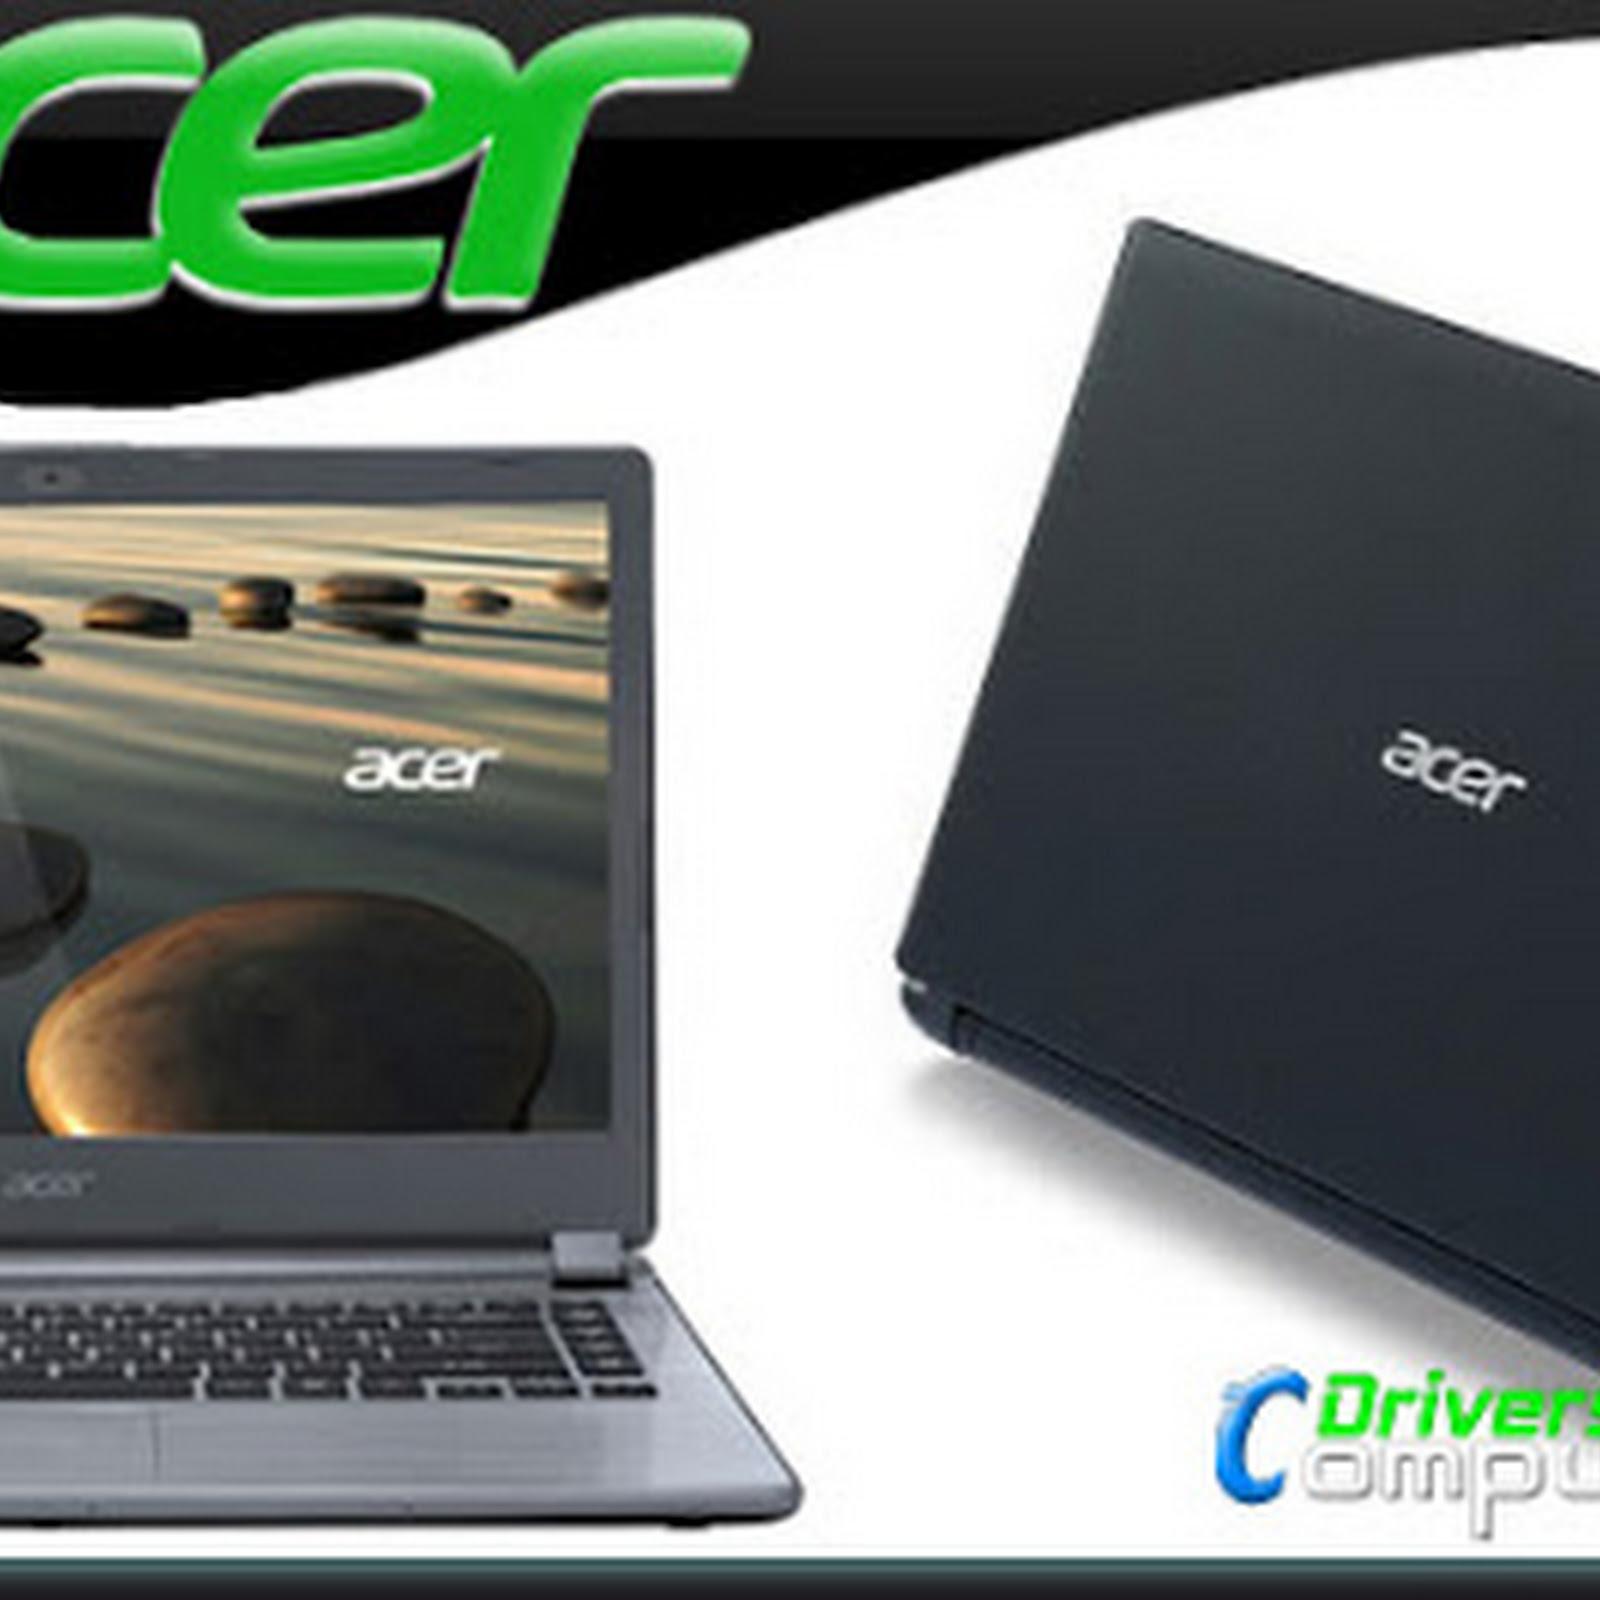 Скачать драйвер для видеокарты для ноутбука acer